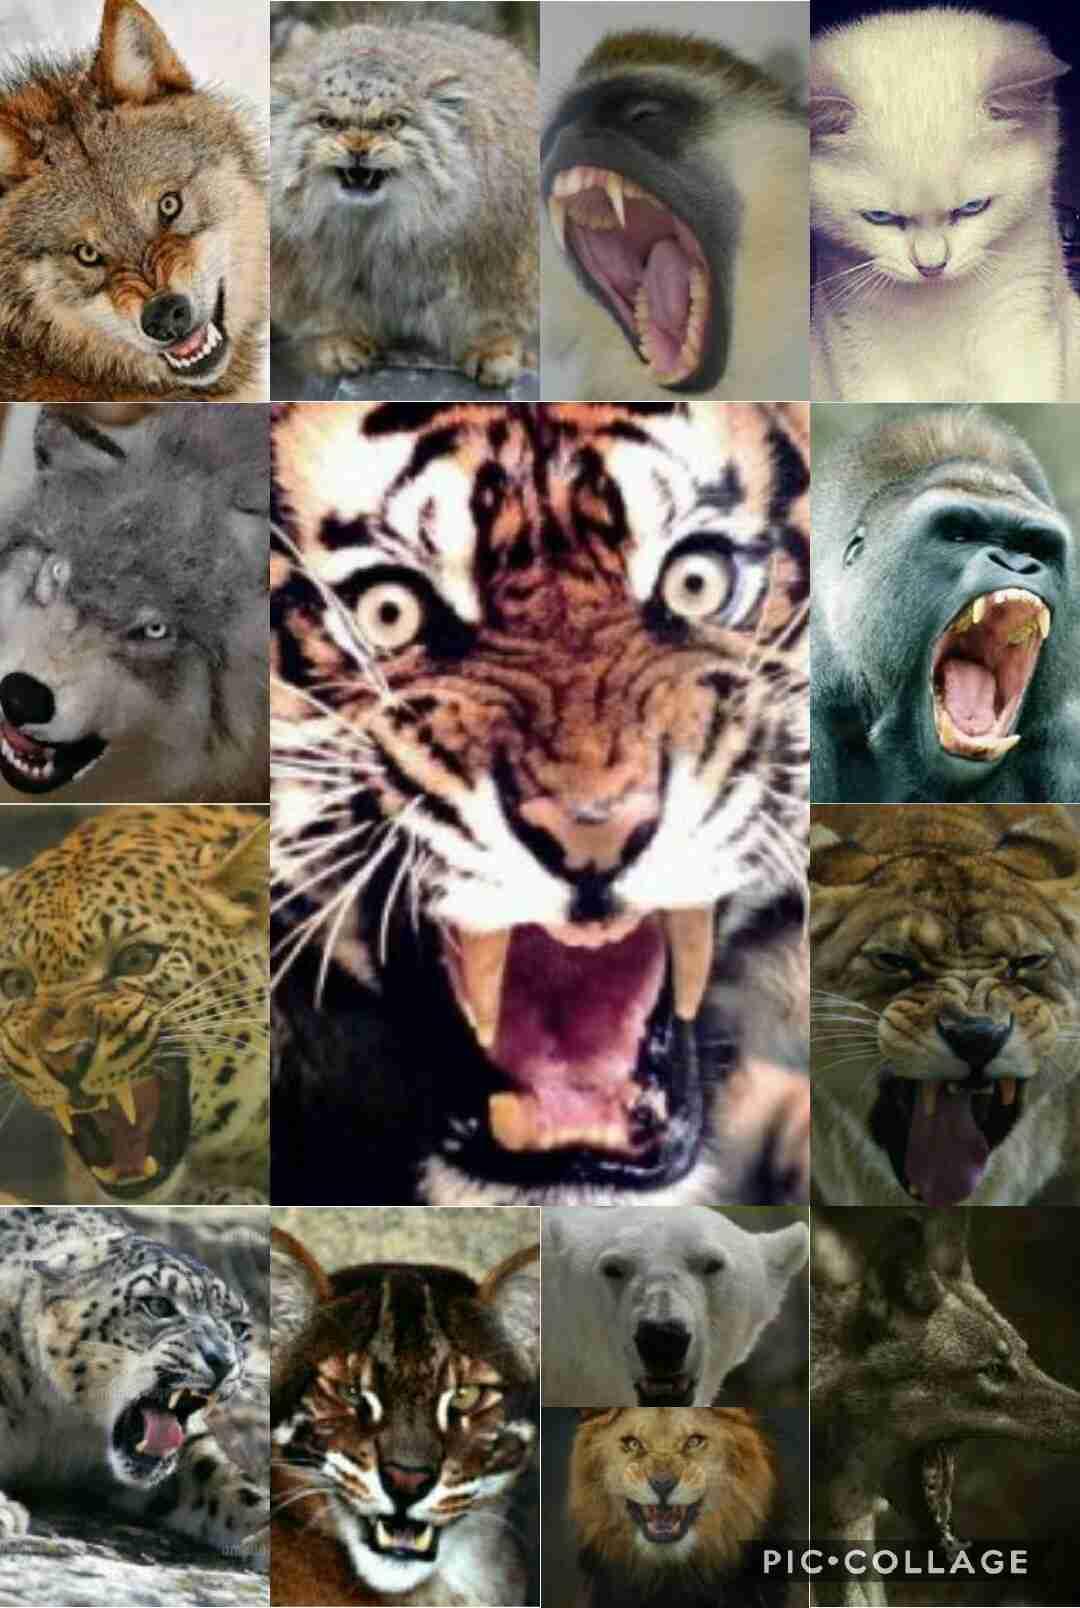 威嚇している動物の画像を貼るトピ